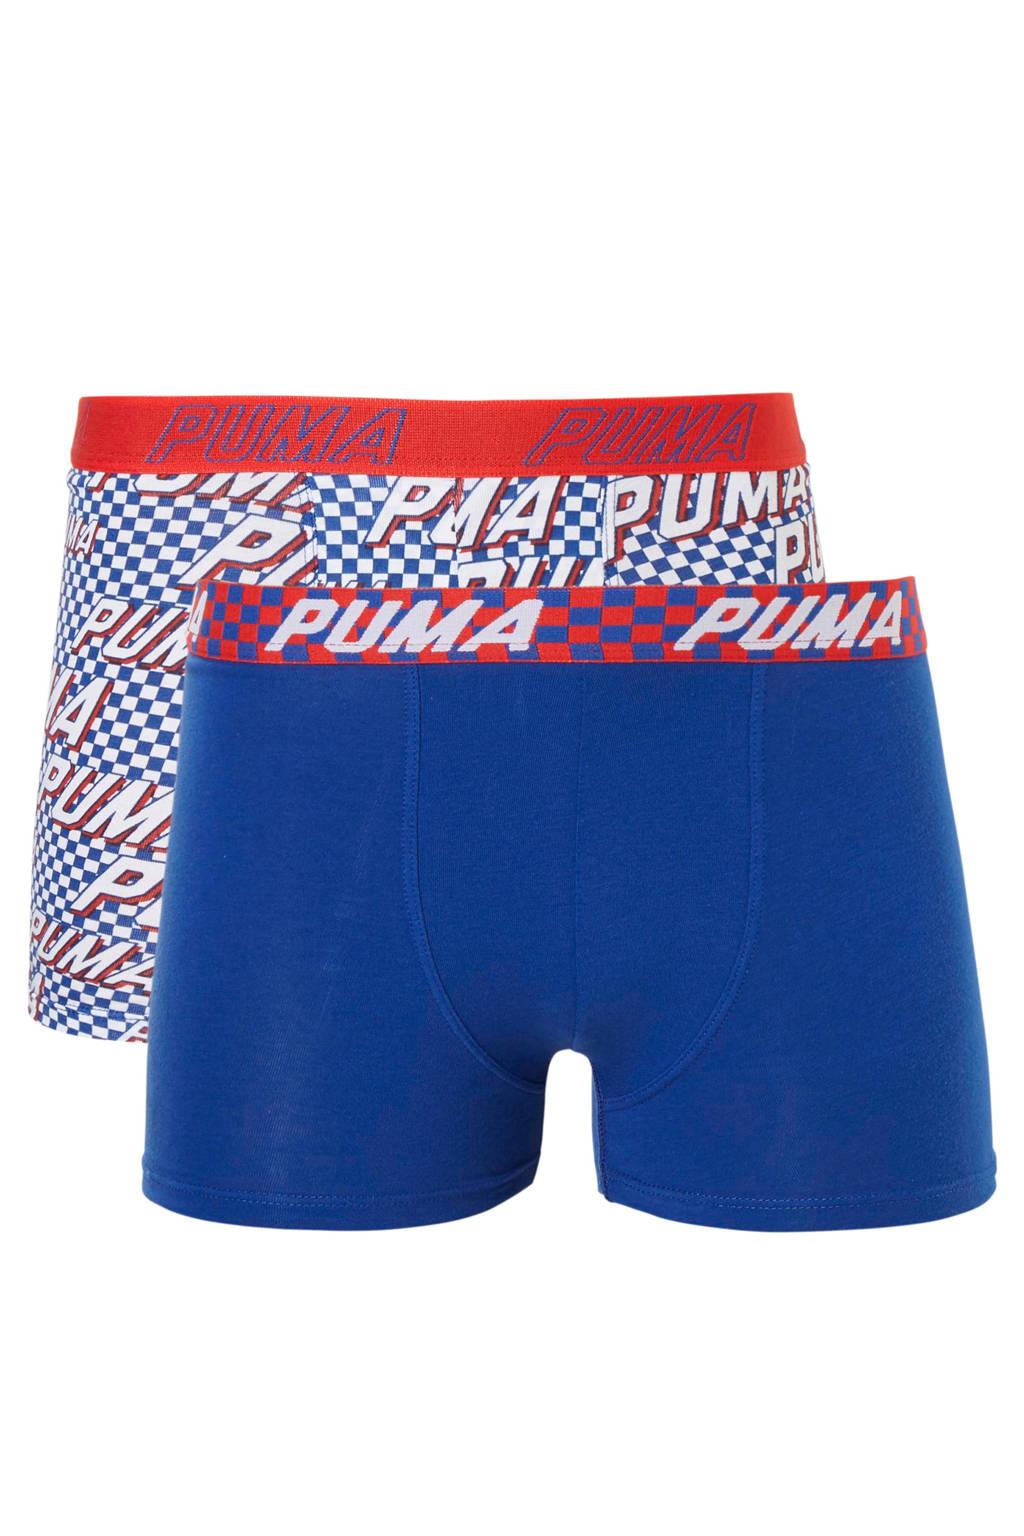 Puma Bodywear Junior  boxershort - set van 2 blauw/wit, Blauw/wit/rood